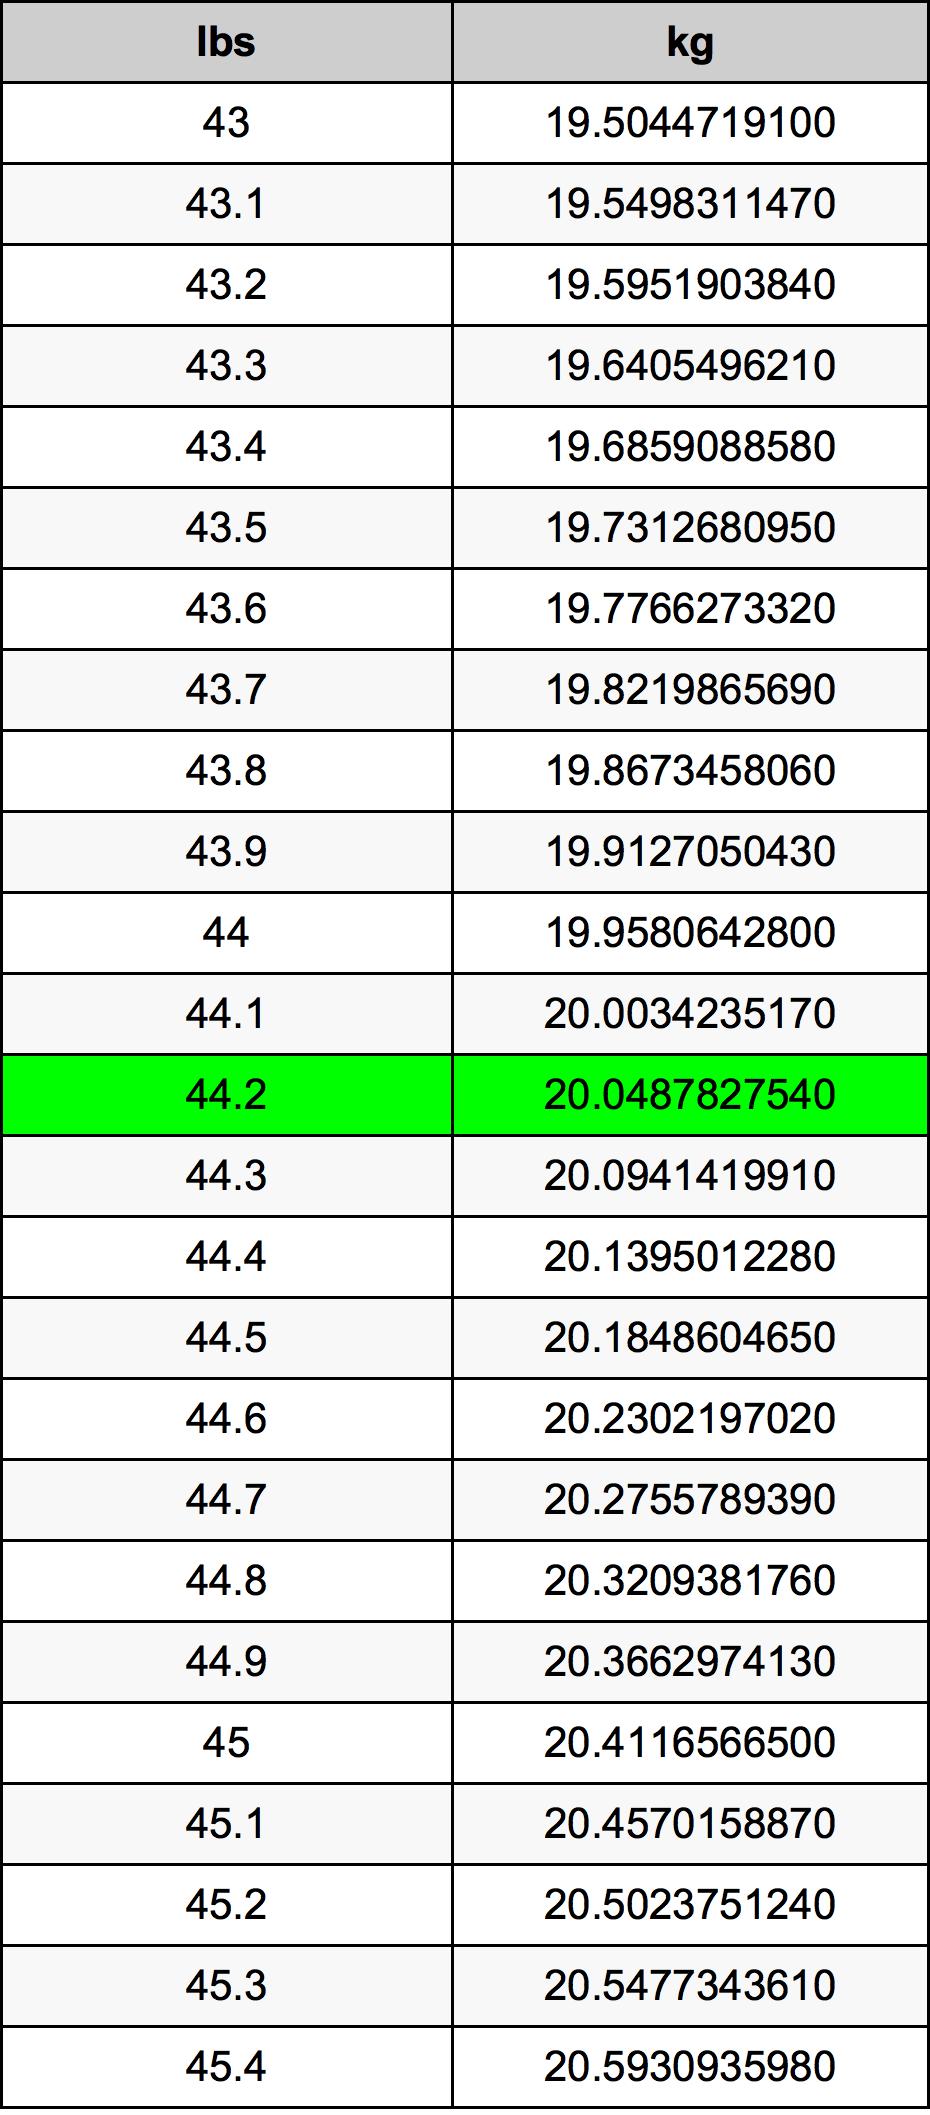 44.2 Lliura Taula de conversió